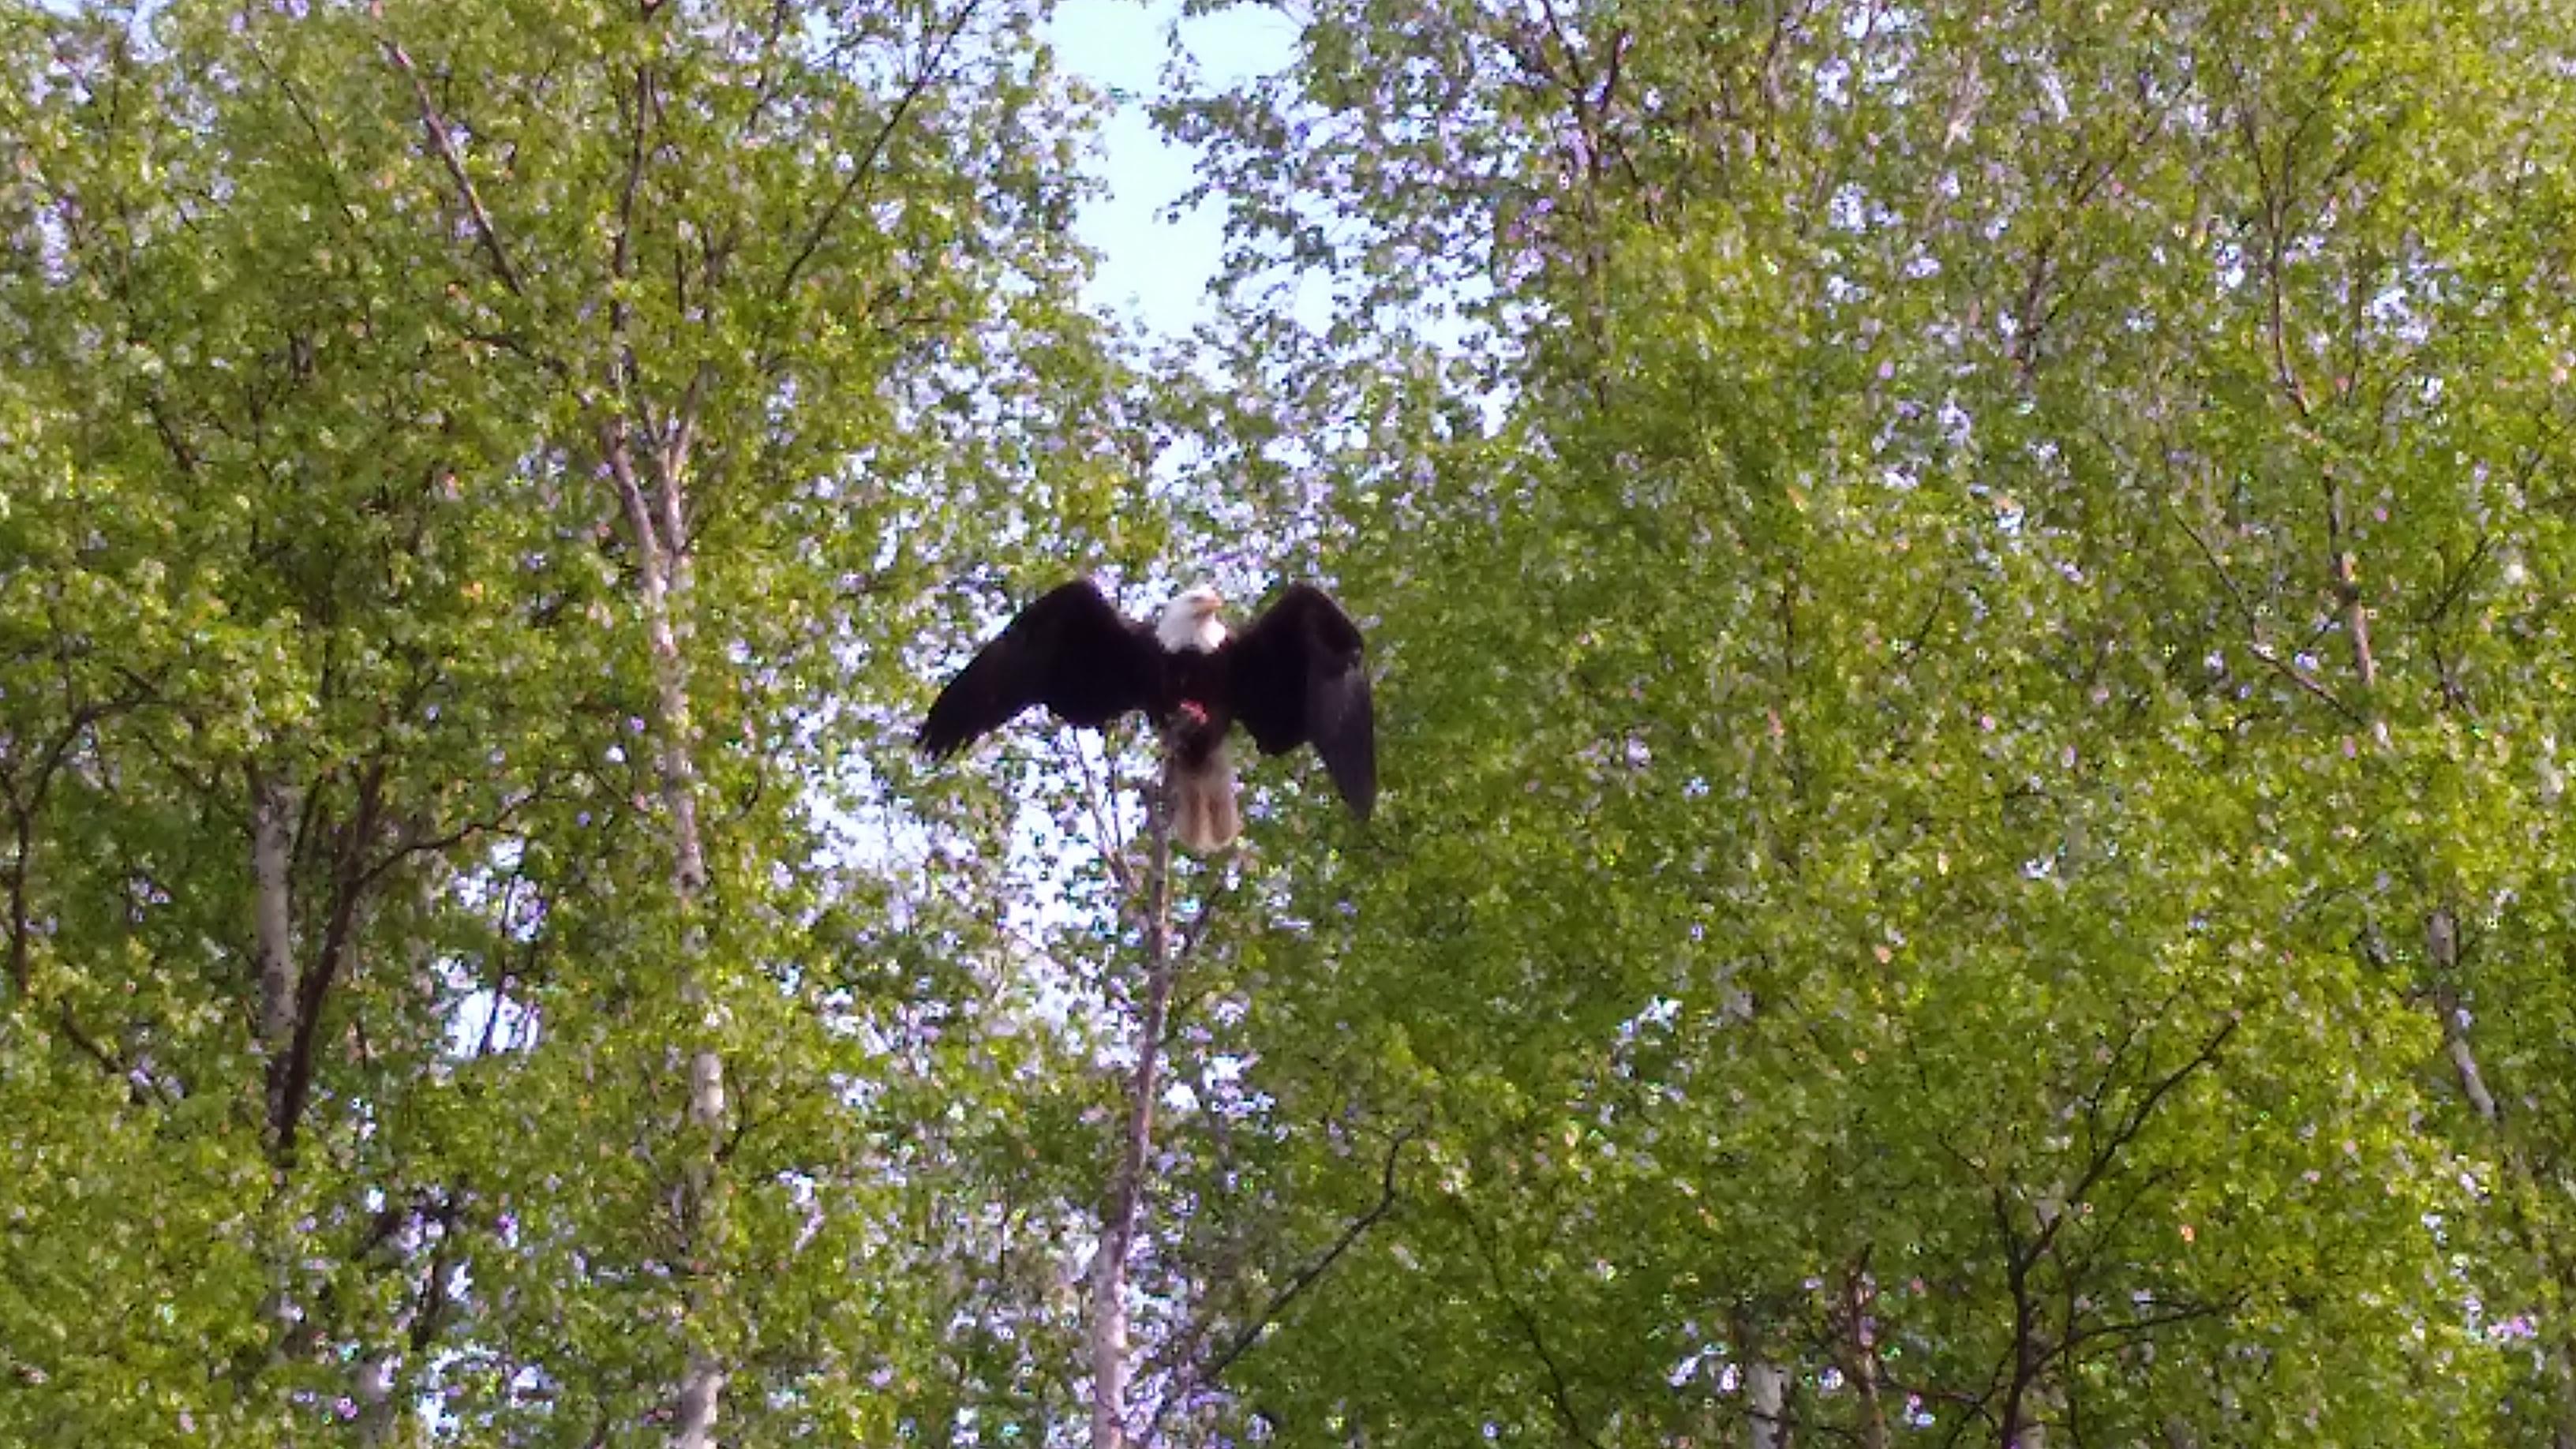 Eagle at Geskakmina